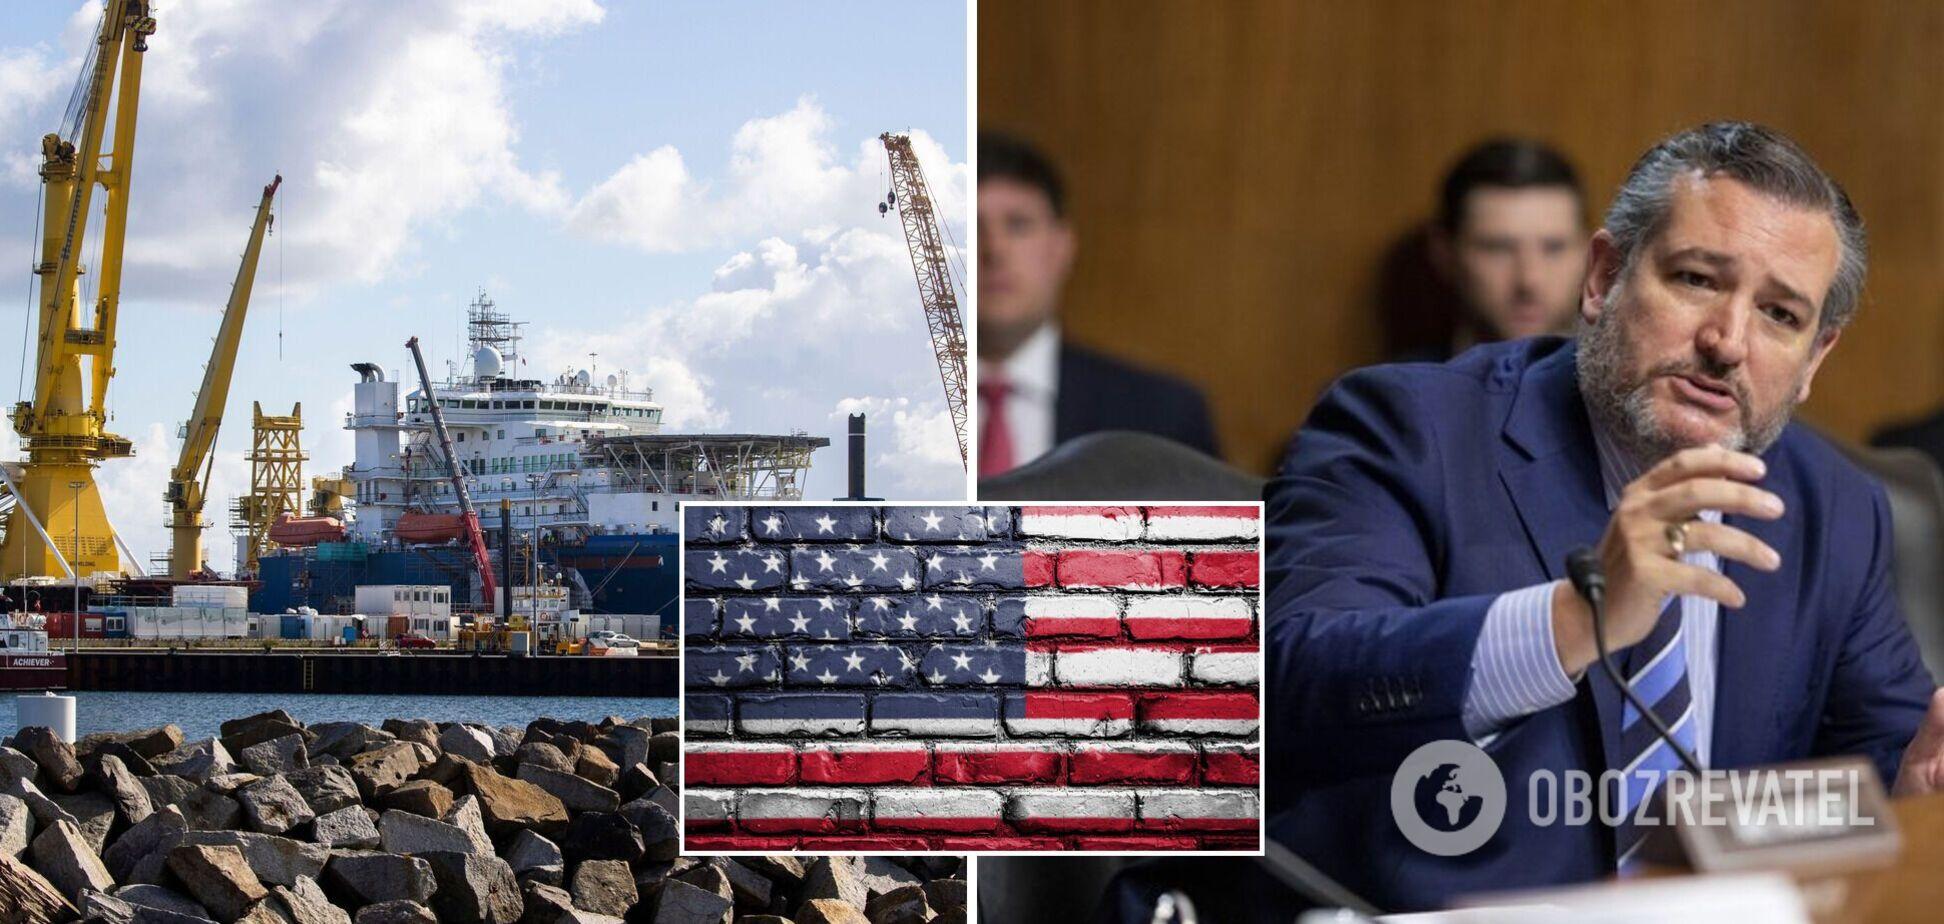 В США республиканцы заблокировали работу Сената из-за 'Северного потока-2'